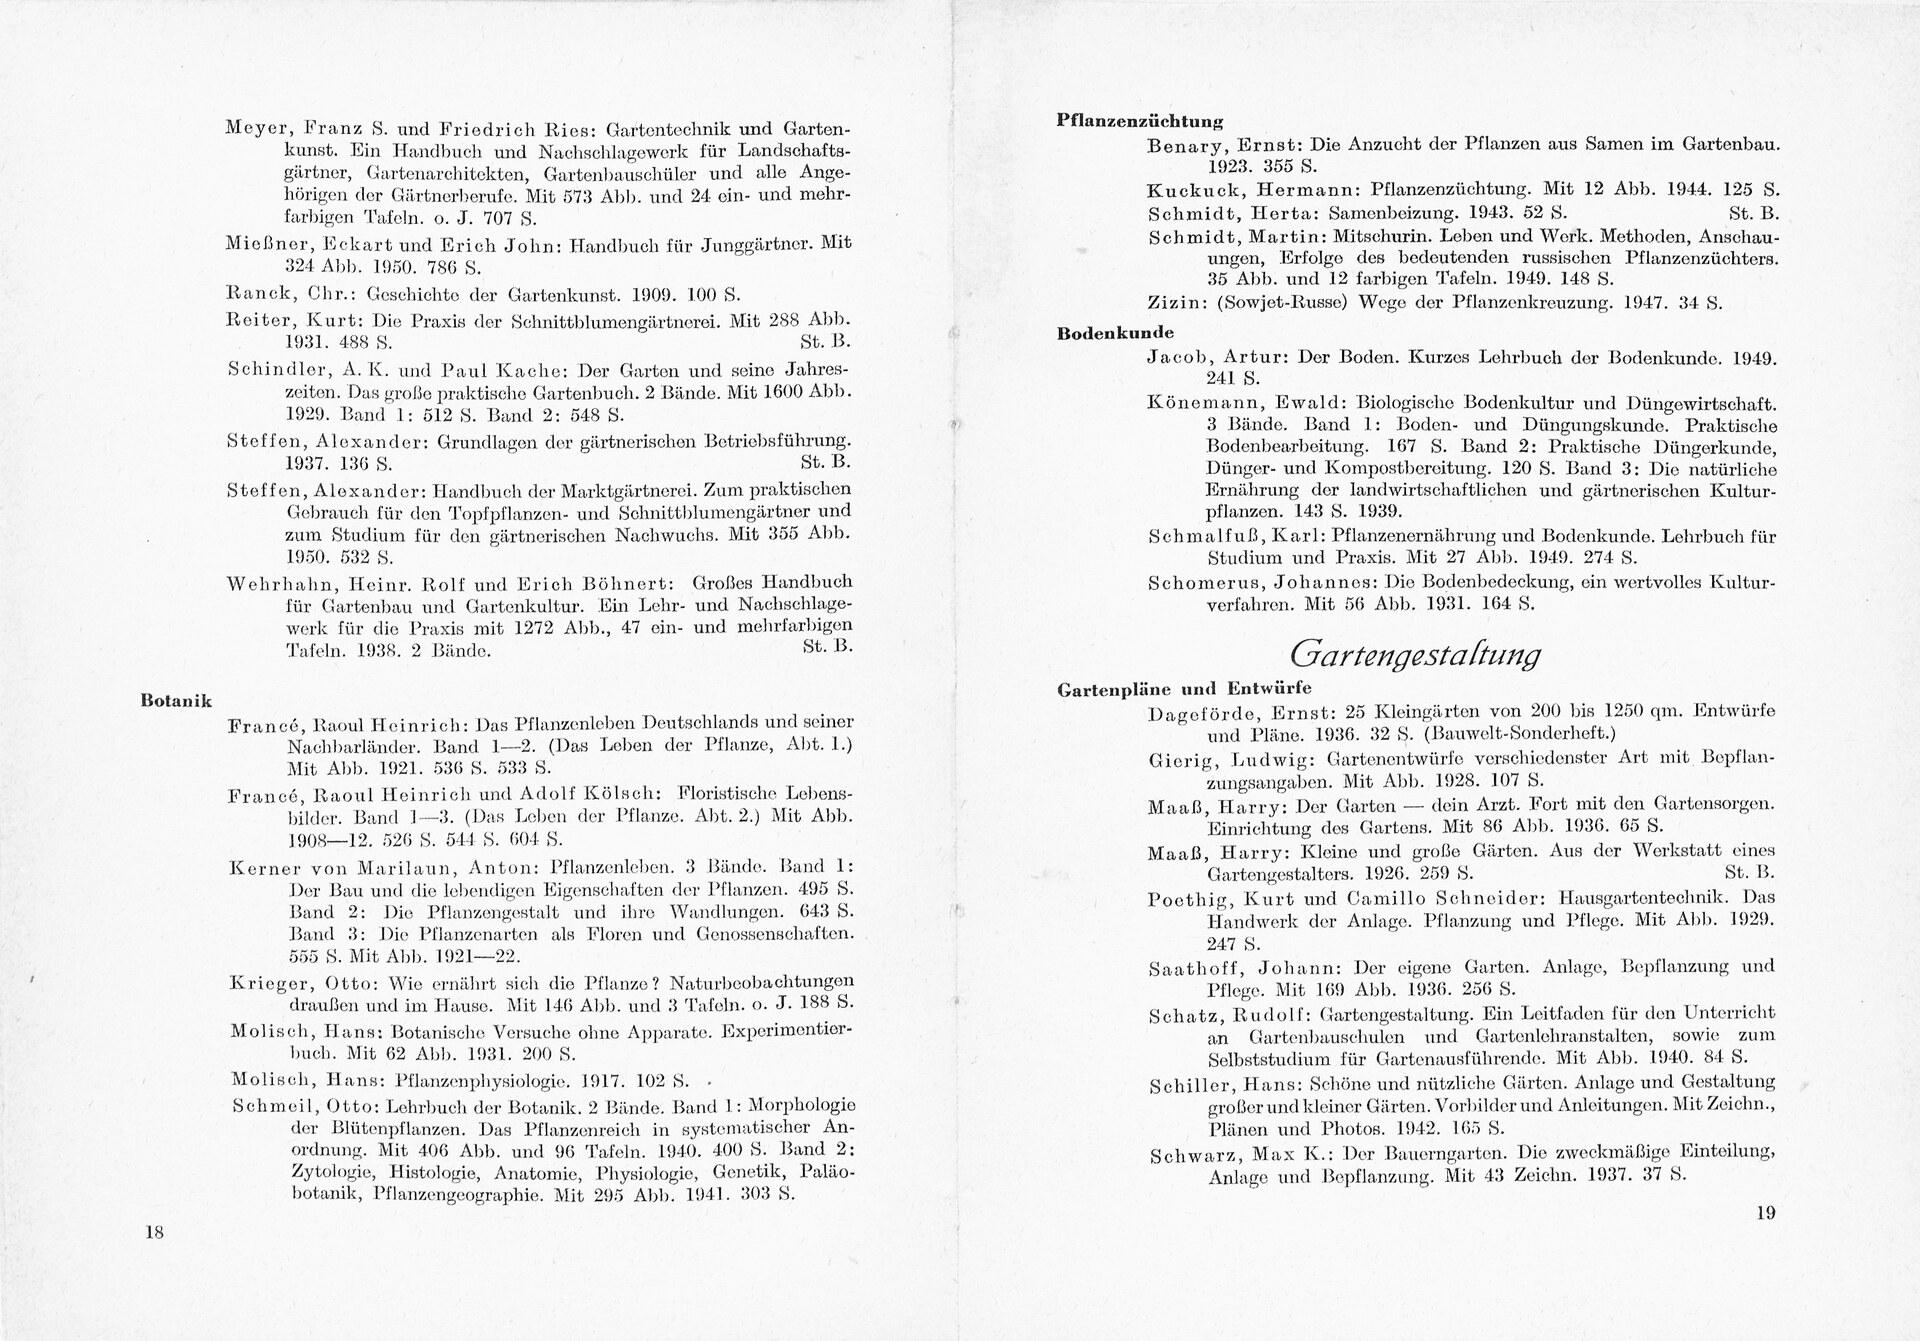 Auswahlverzeichnis.18.18.19.jpg